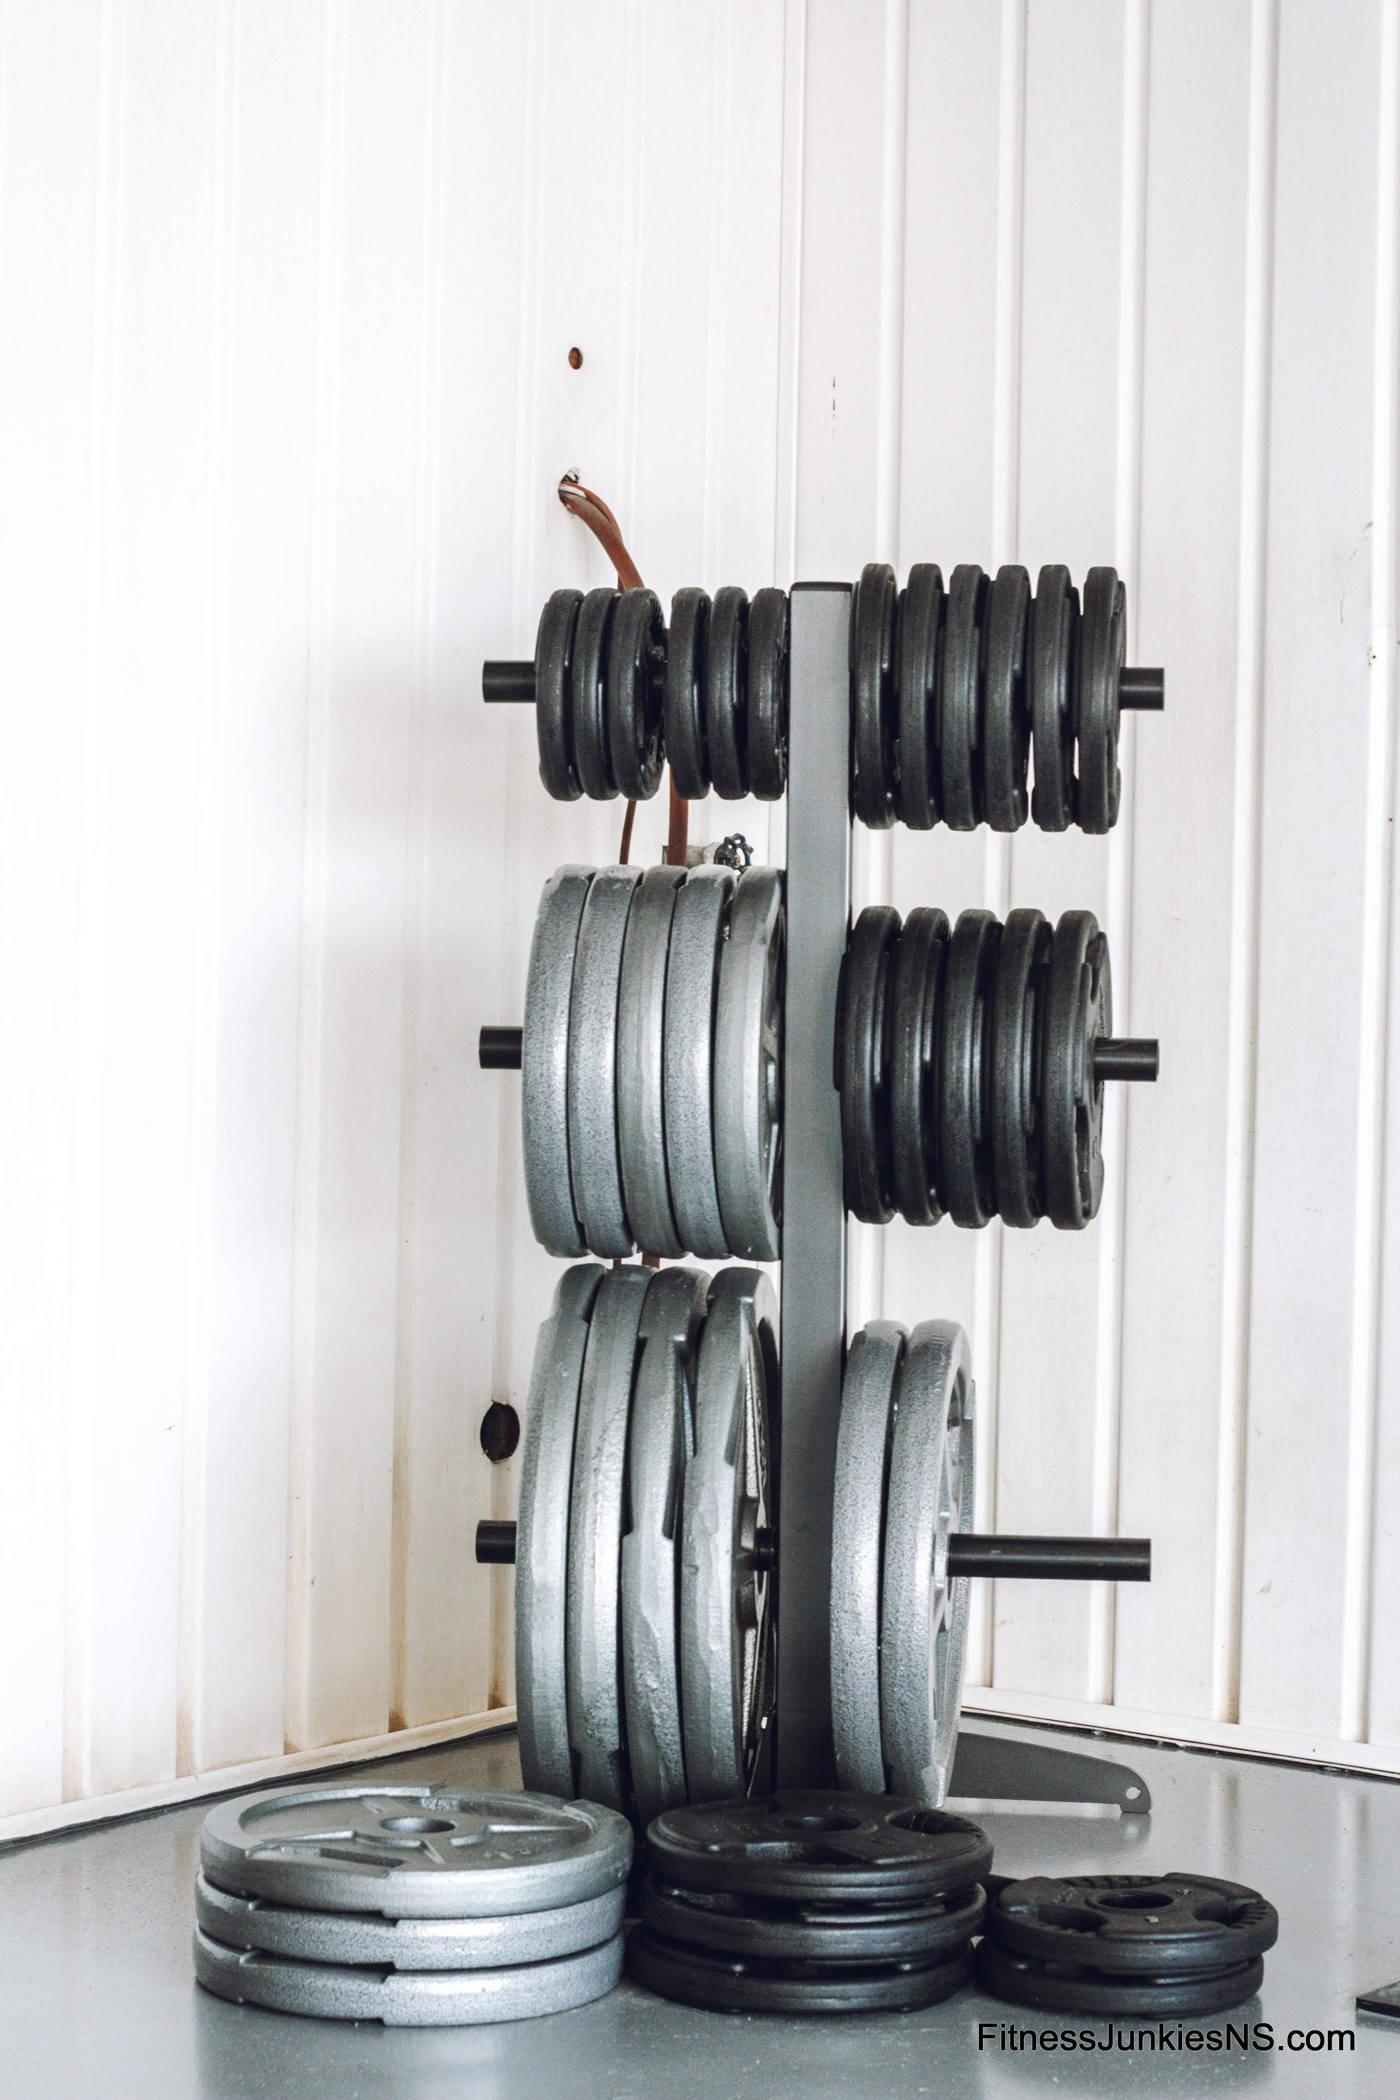 121-Fitness Junkies Windsor NS 9-22-2019 6-48-35 PM.jpg